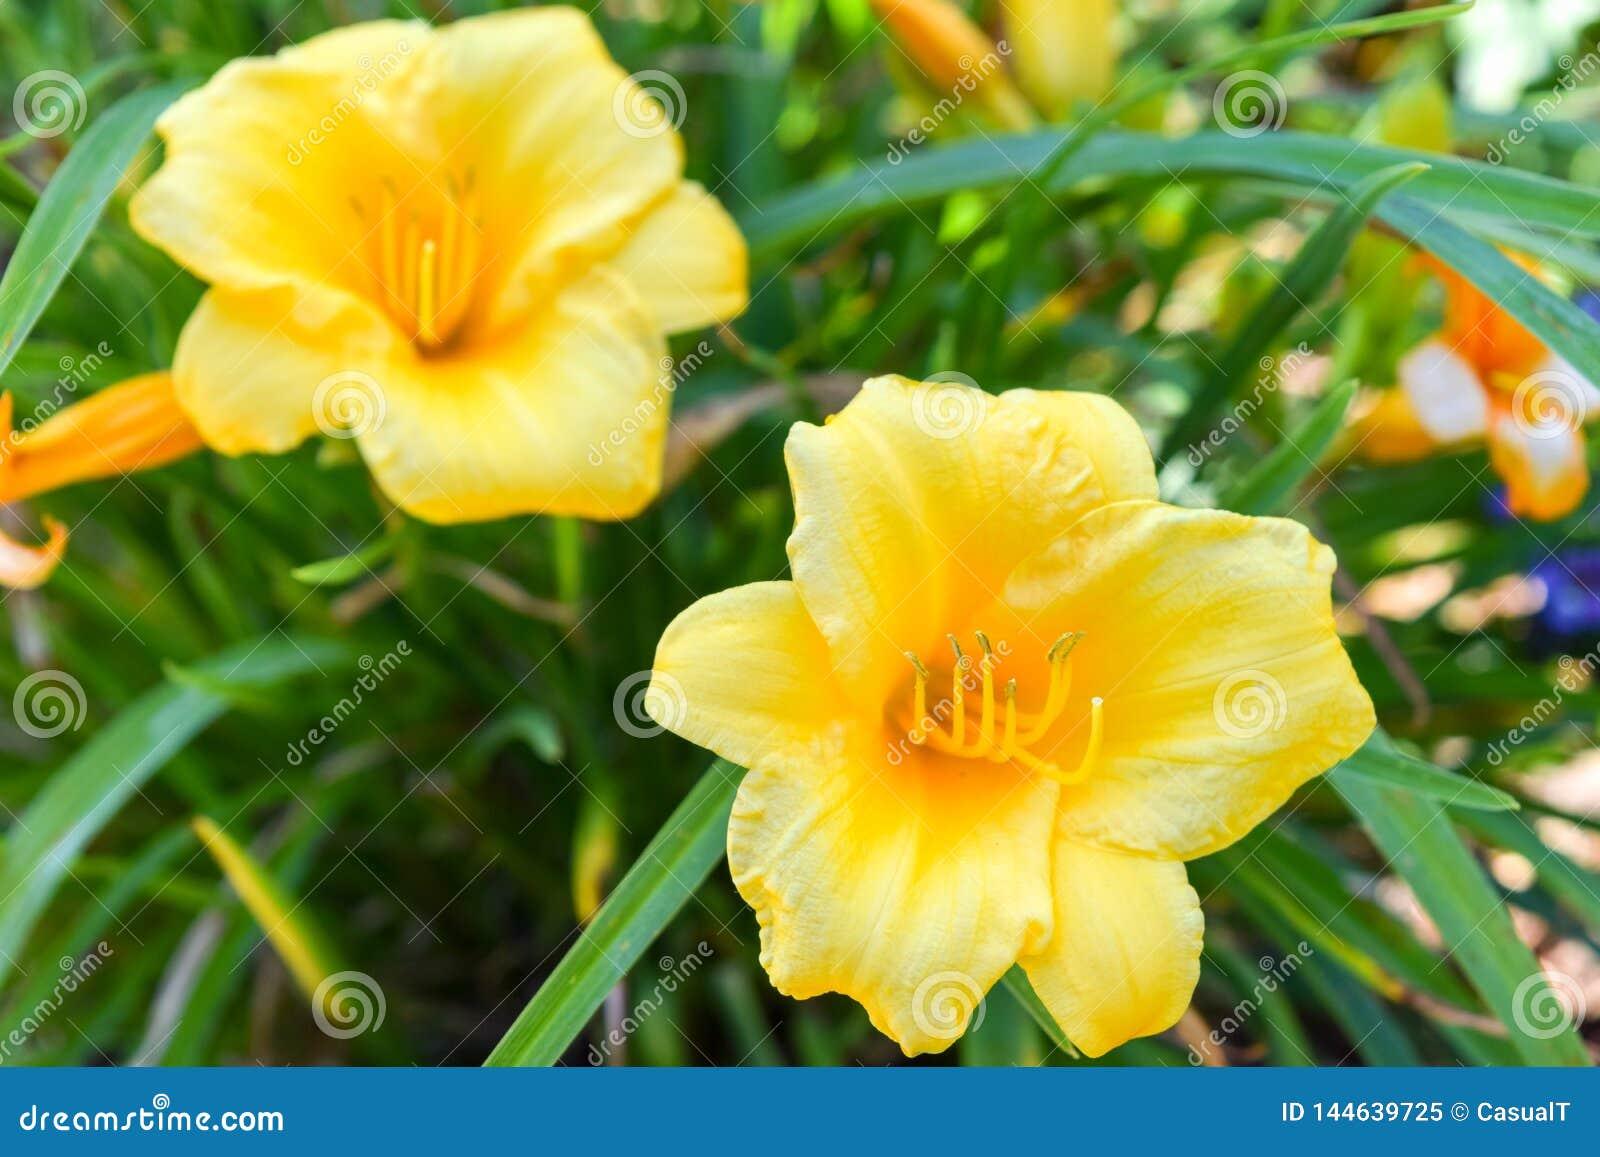 Piękna żółta wiosna kwitnie, kwitnący wśród tłustoszowatej zielonej trawy